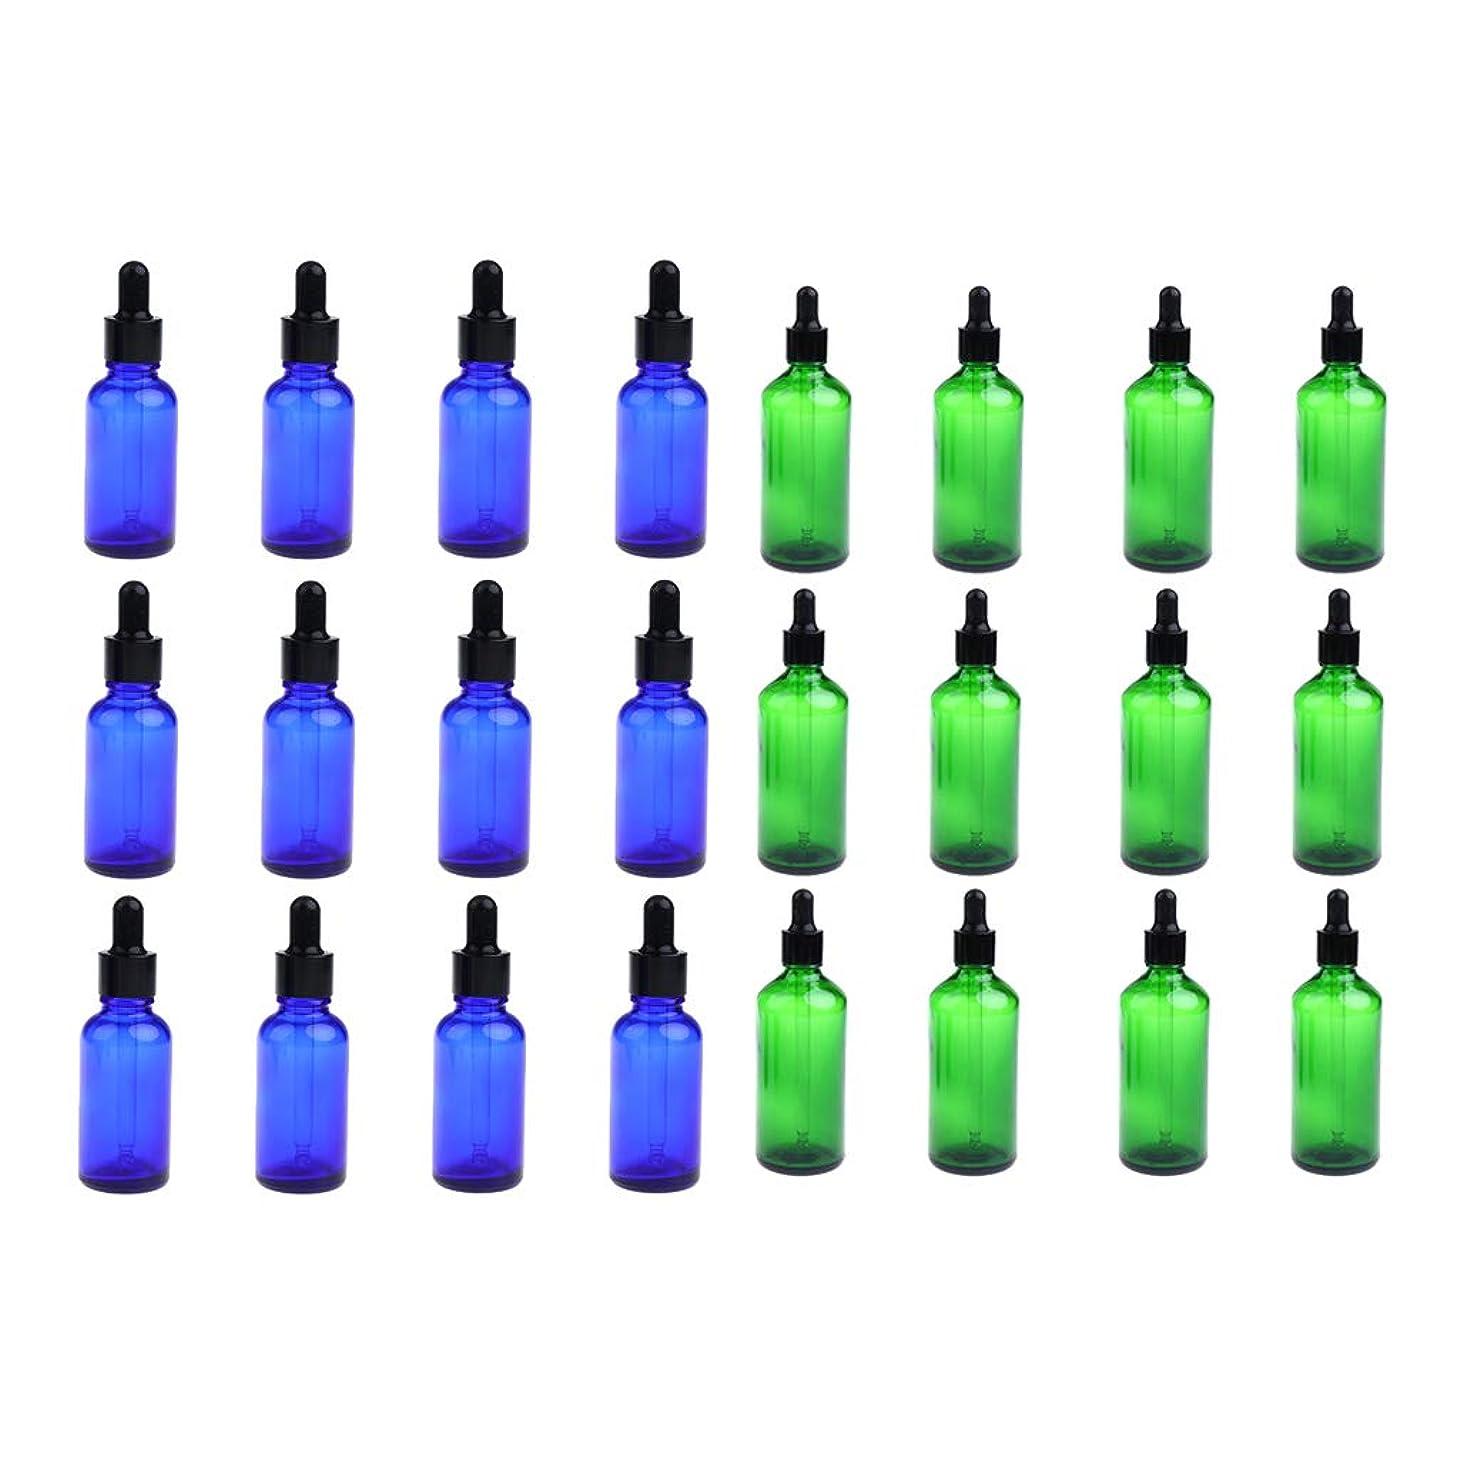 トロイの木馬代数的バトルFLAMEER 24個セット ガラスボトル スポイトボトル 空の瓶 遮光ビン 精油瓶 詰替え 旅行 30ミリ 緑+青